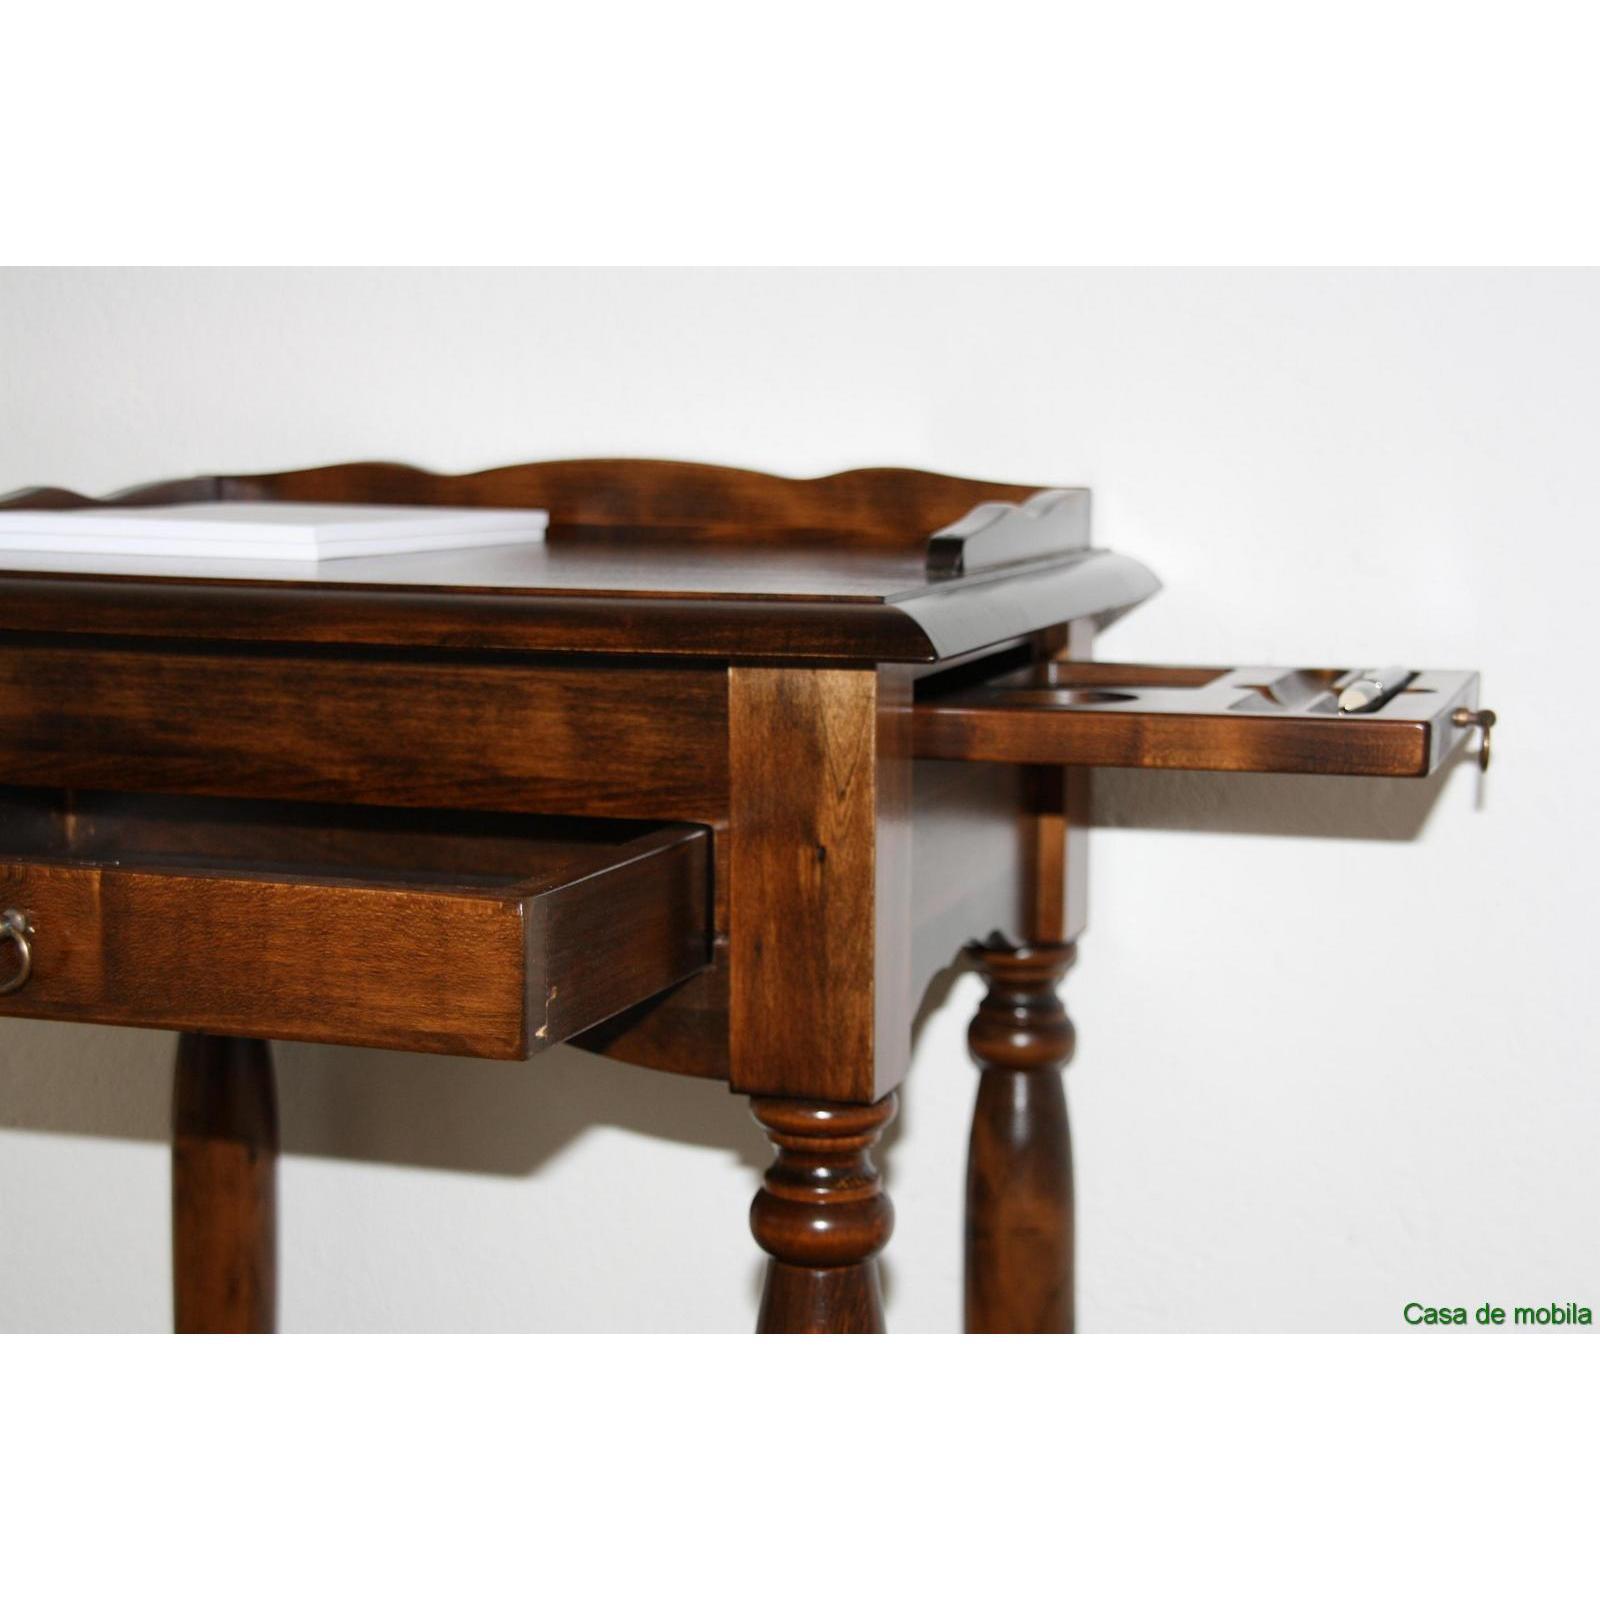 telefontisch telefonkonsole konsolentisch kolonial braun nussbaum holz massiv. Black Bedroom Furniture Sets. Home Design Ideas